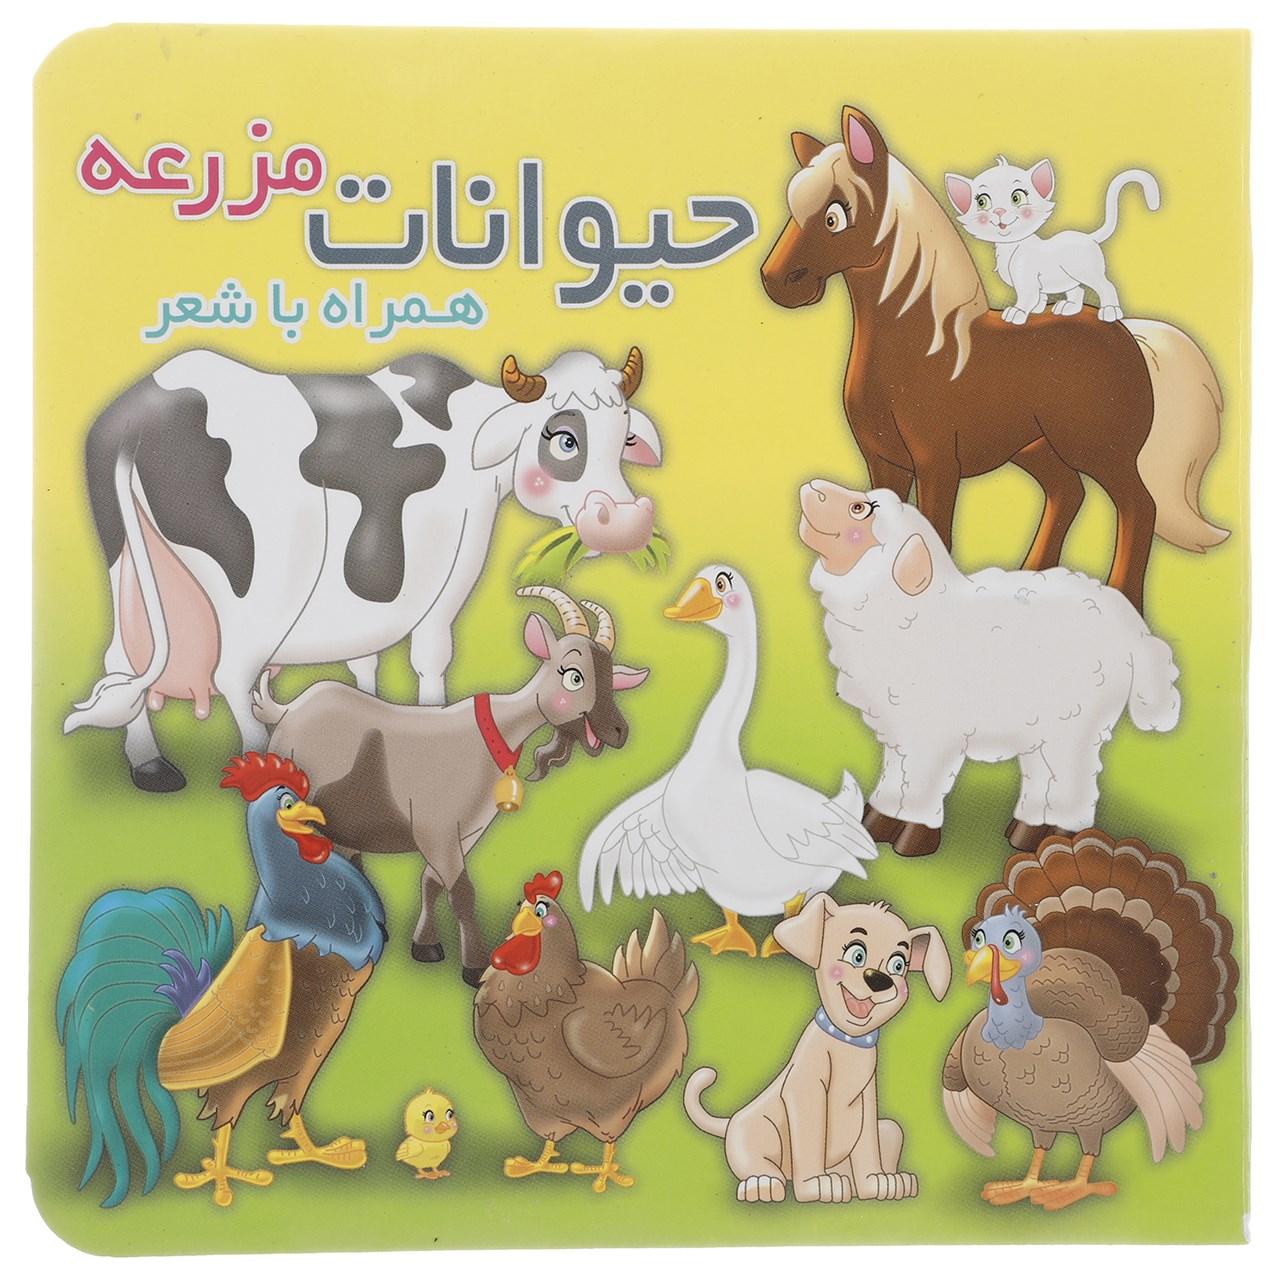 کتاب حیوانات مزرعه همراه با شعر اثر مهدی مردانی